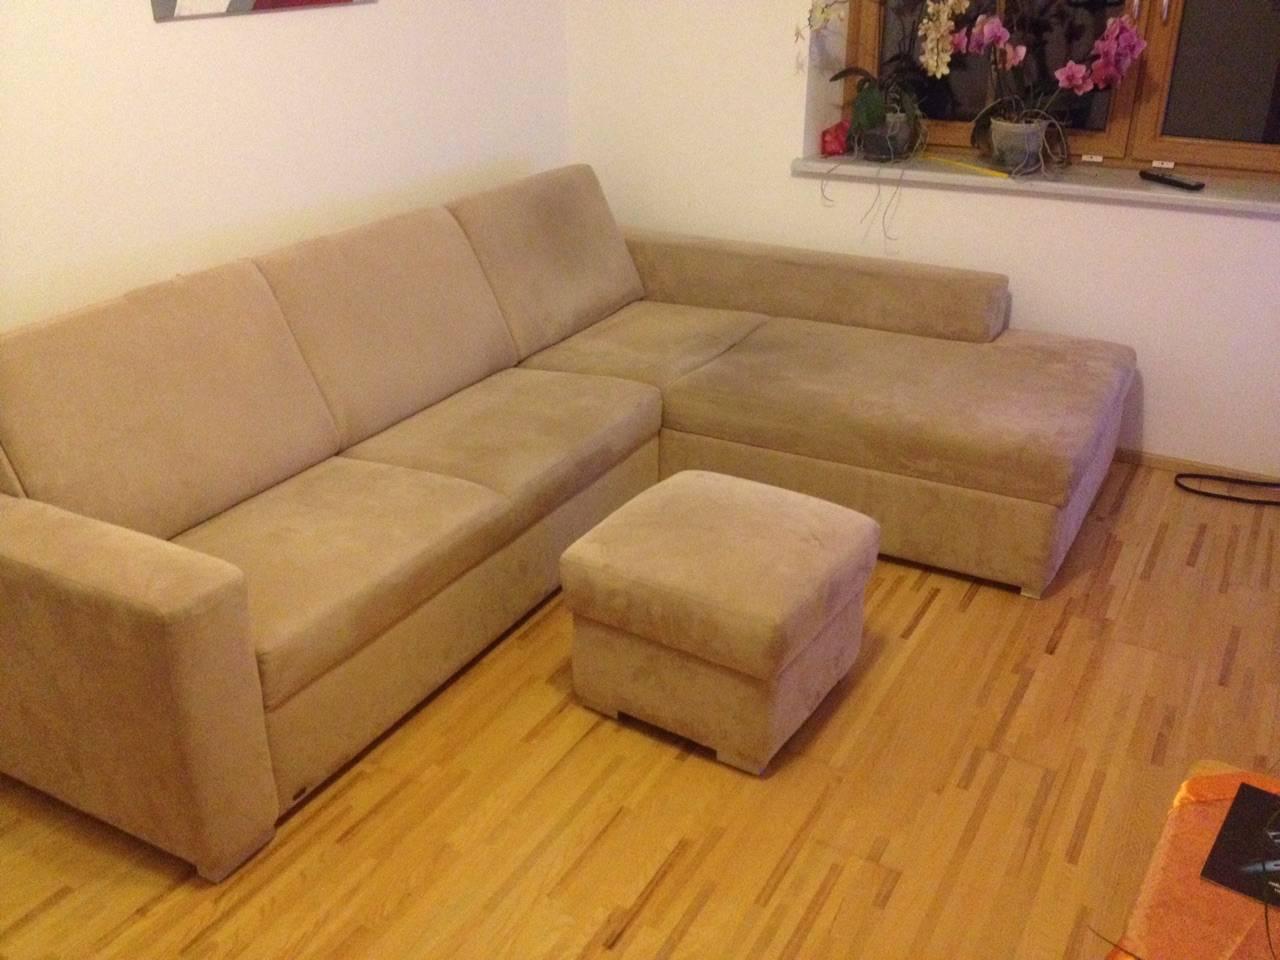 Sofa for Couch vom tischler